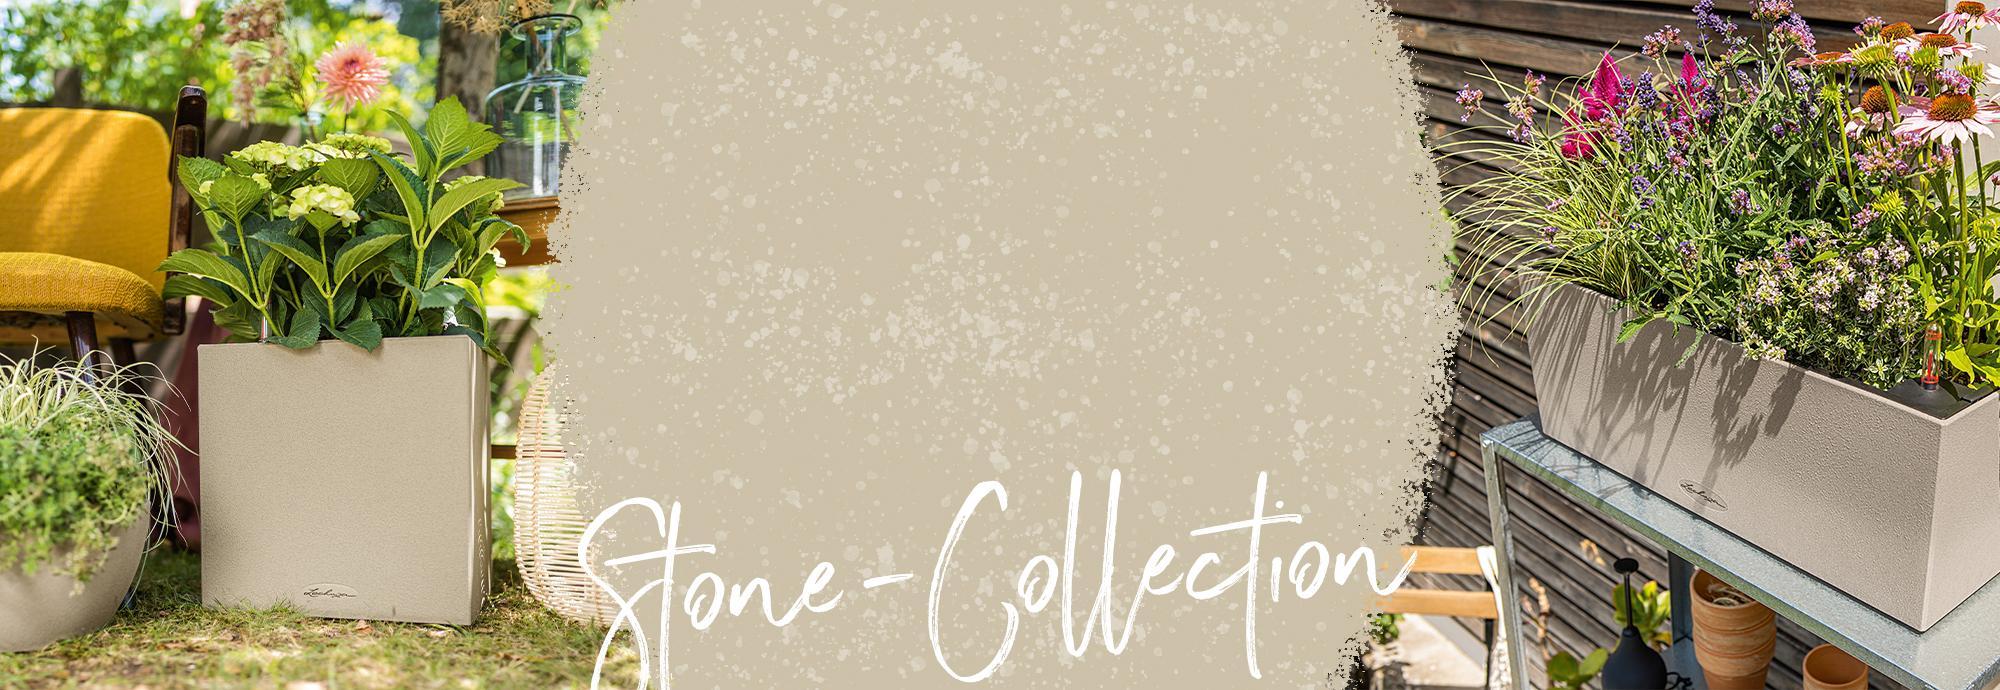 15% de réduction sur notre collection Stone en coloris beige sable